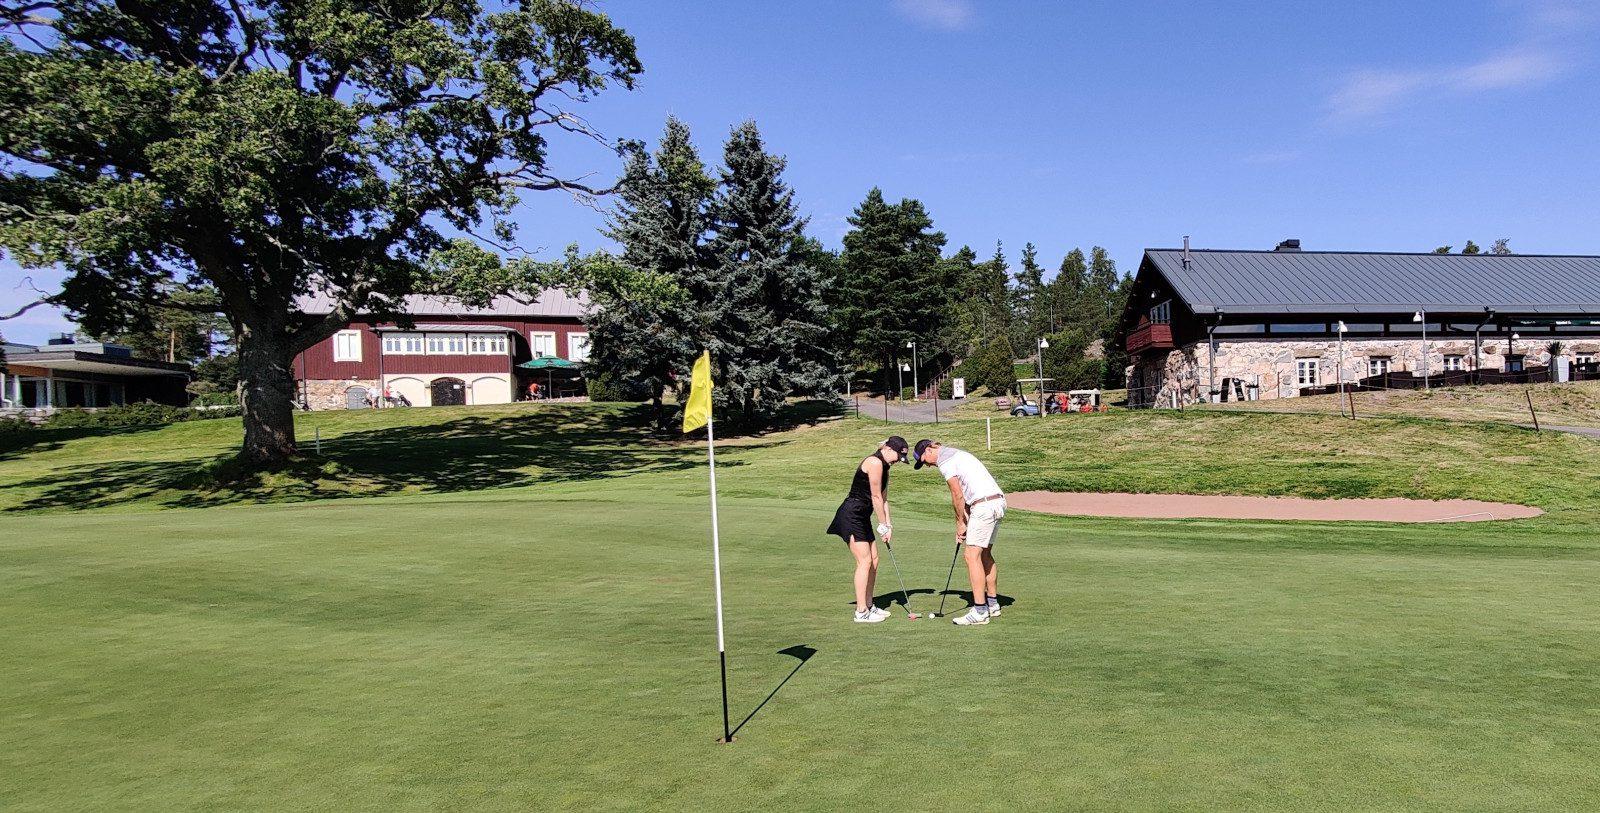 Kultaranta Resortin golfkenttä ja kaksi pelaajaa.